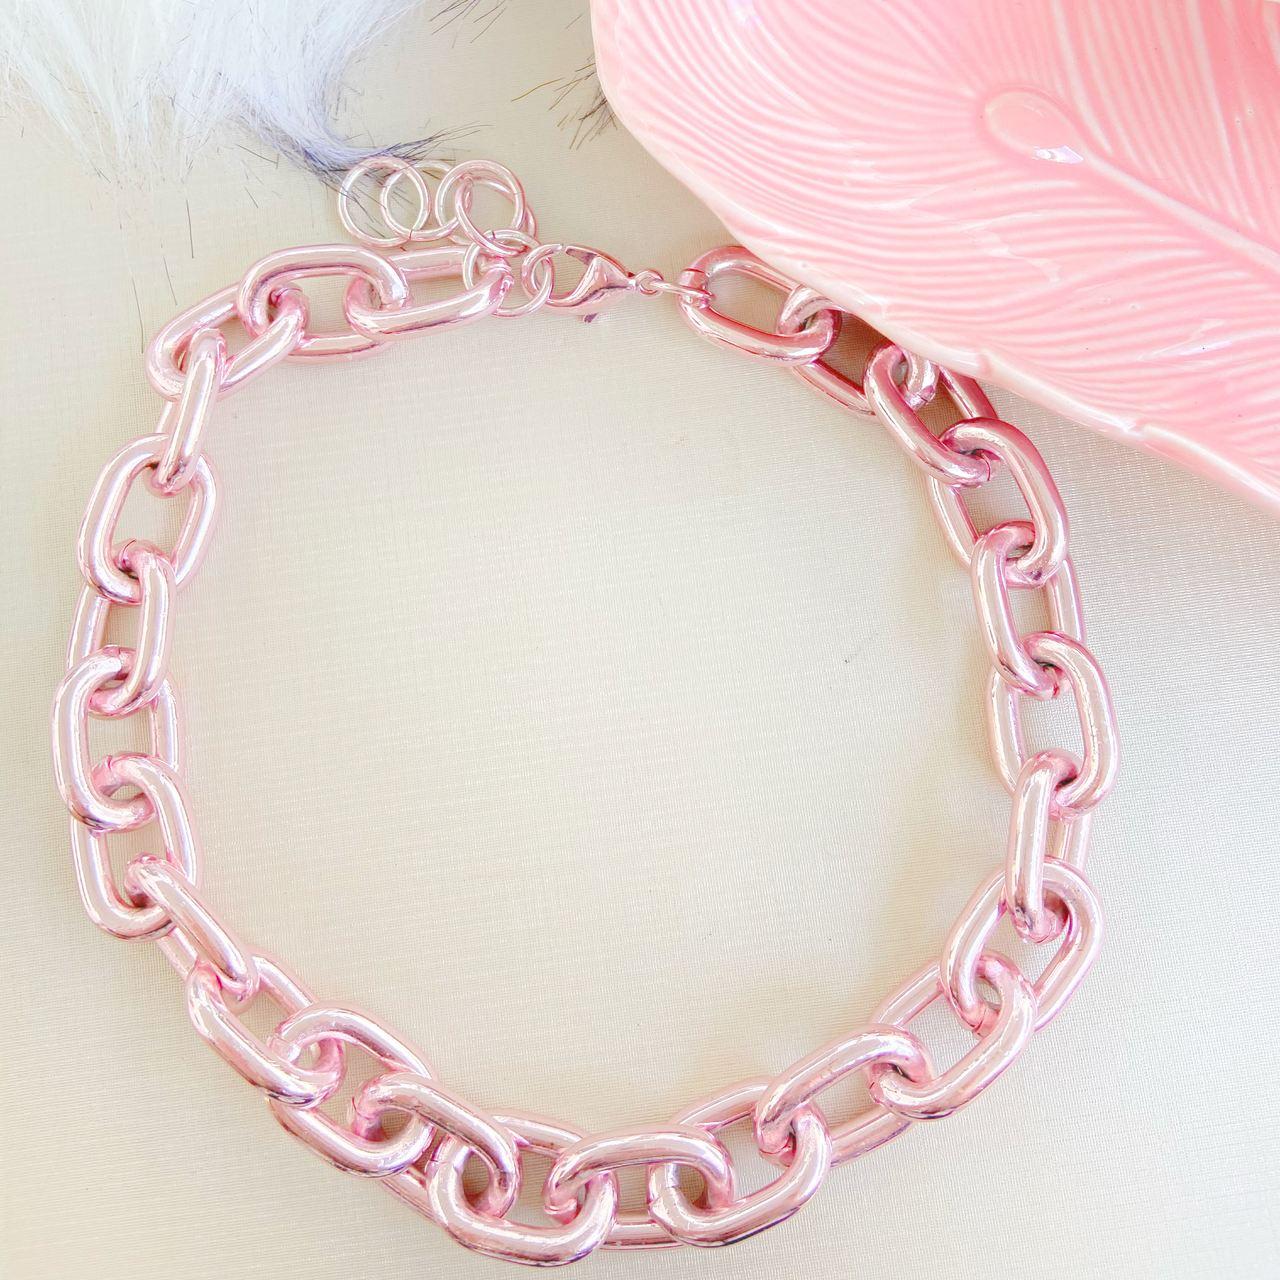 Choker de elos pink - G5755P